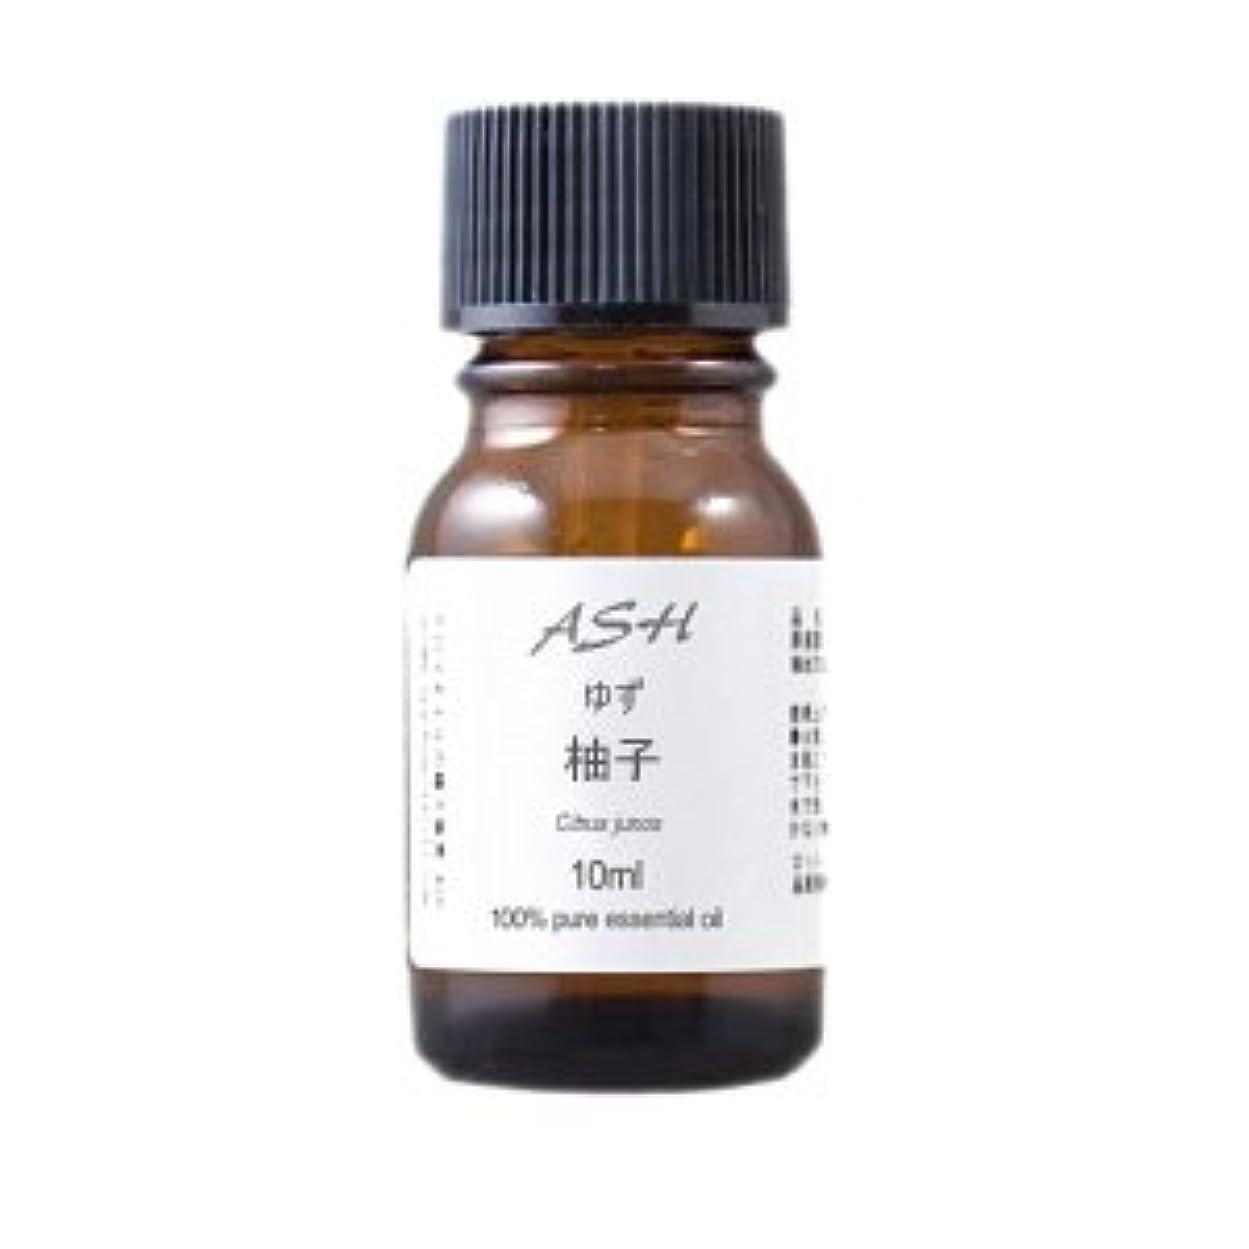 見捨てるご近所無礼にASH 柚子 (ゆず) エッセンシャルオイル 10ml 【和精油】【Yuzu Essential Oil-Japan】 AEAJ表示基準適合認定精油